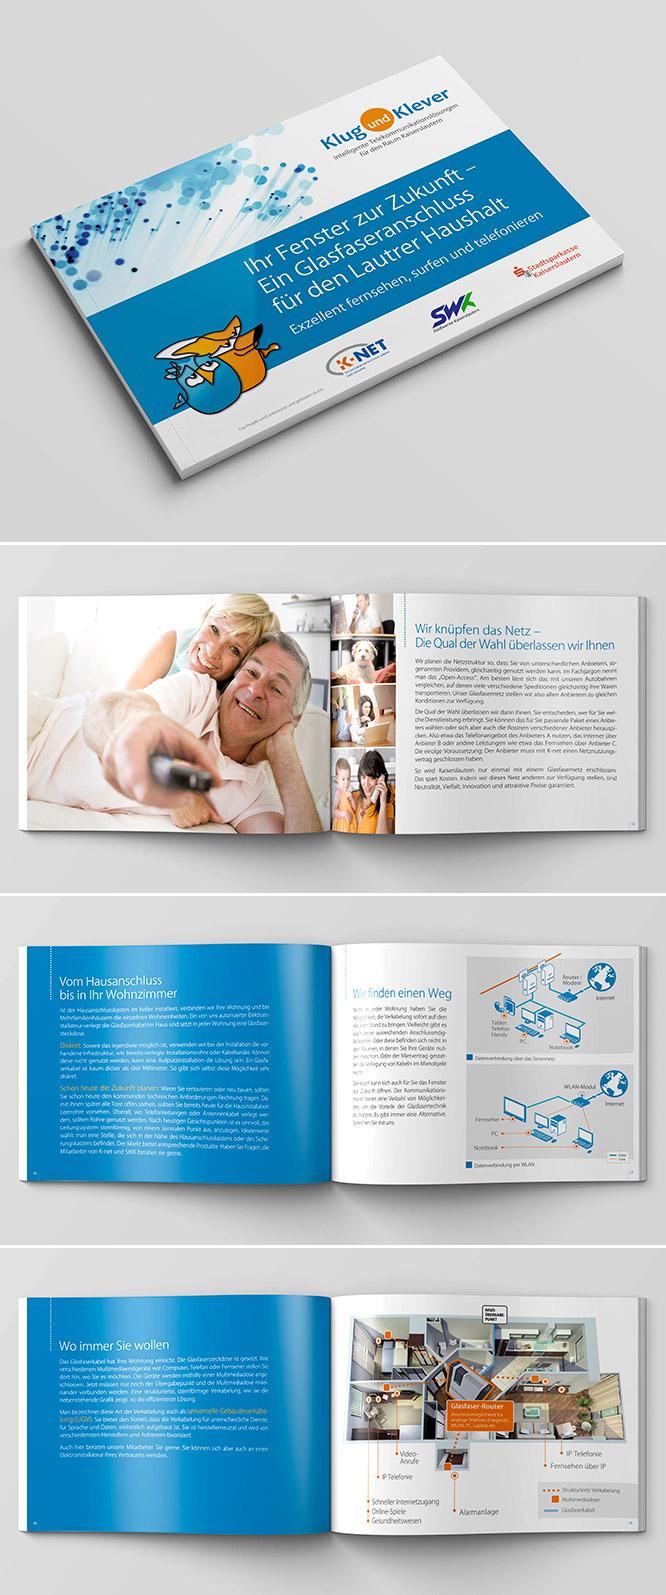 Printdesign - Infobroschüre für Telekommunikation-Unternehmen Klug und Klever